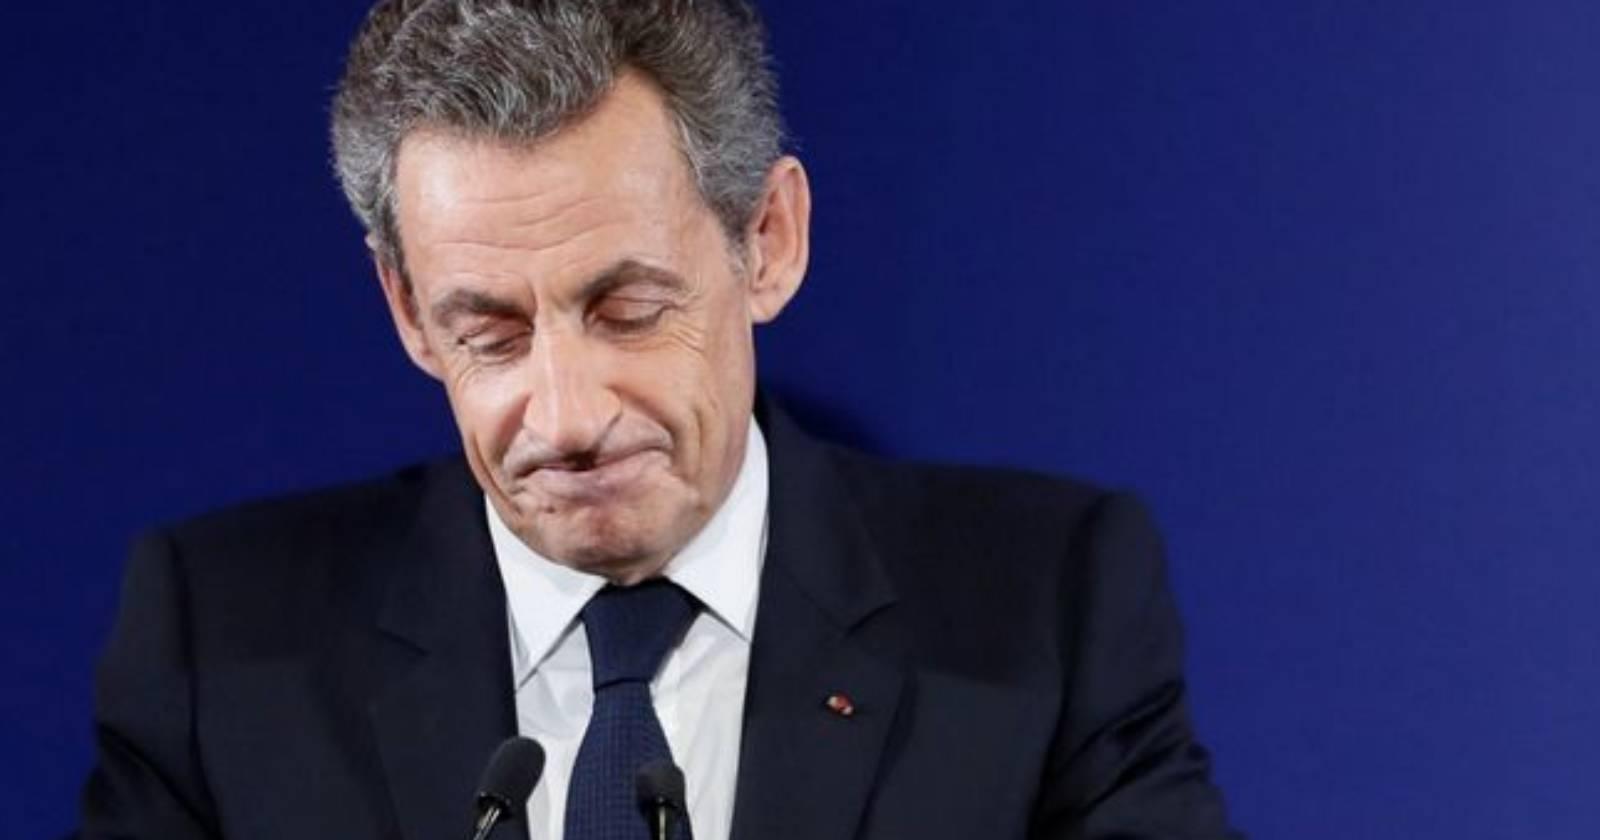 Nicolás Sarkozy: el histórico juicio contra el ex presidente de Francia acusado de corrupción